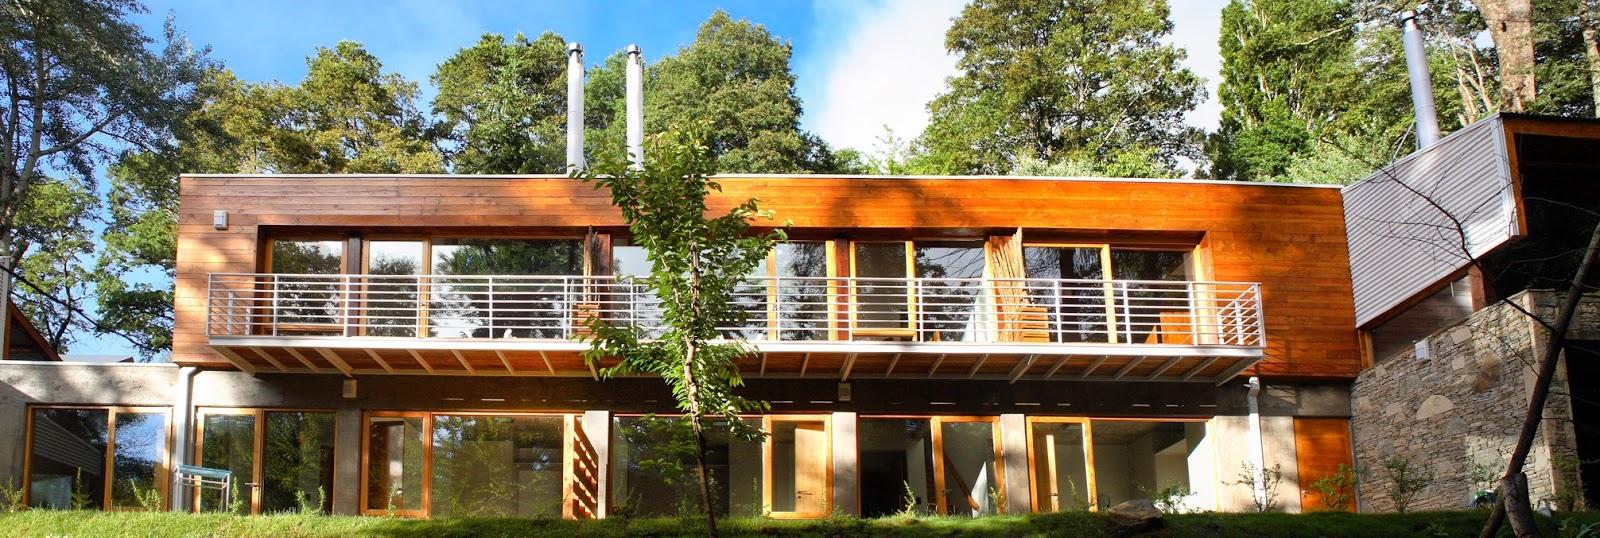 Arquitectos patagonia arquitectura san mart n de los for Arquitectura de hoteles